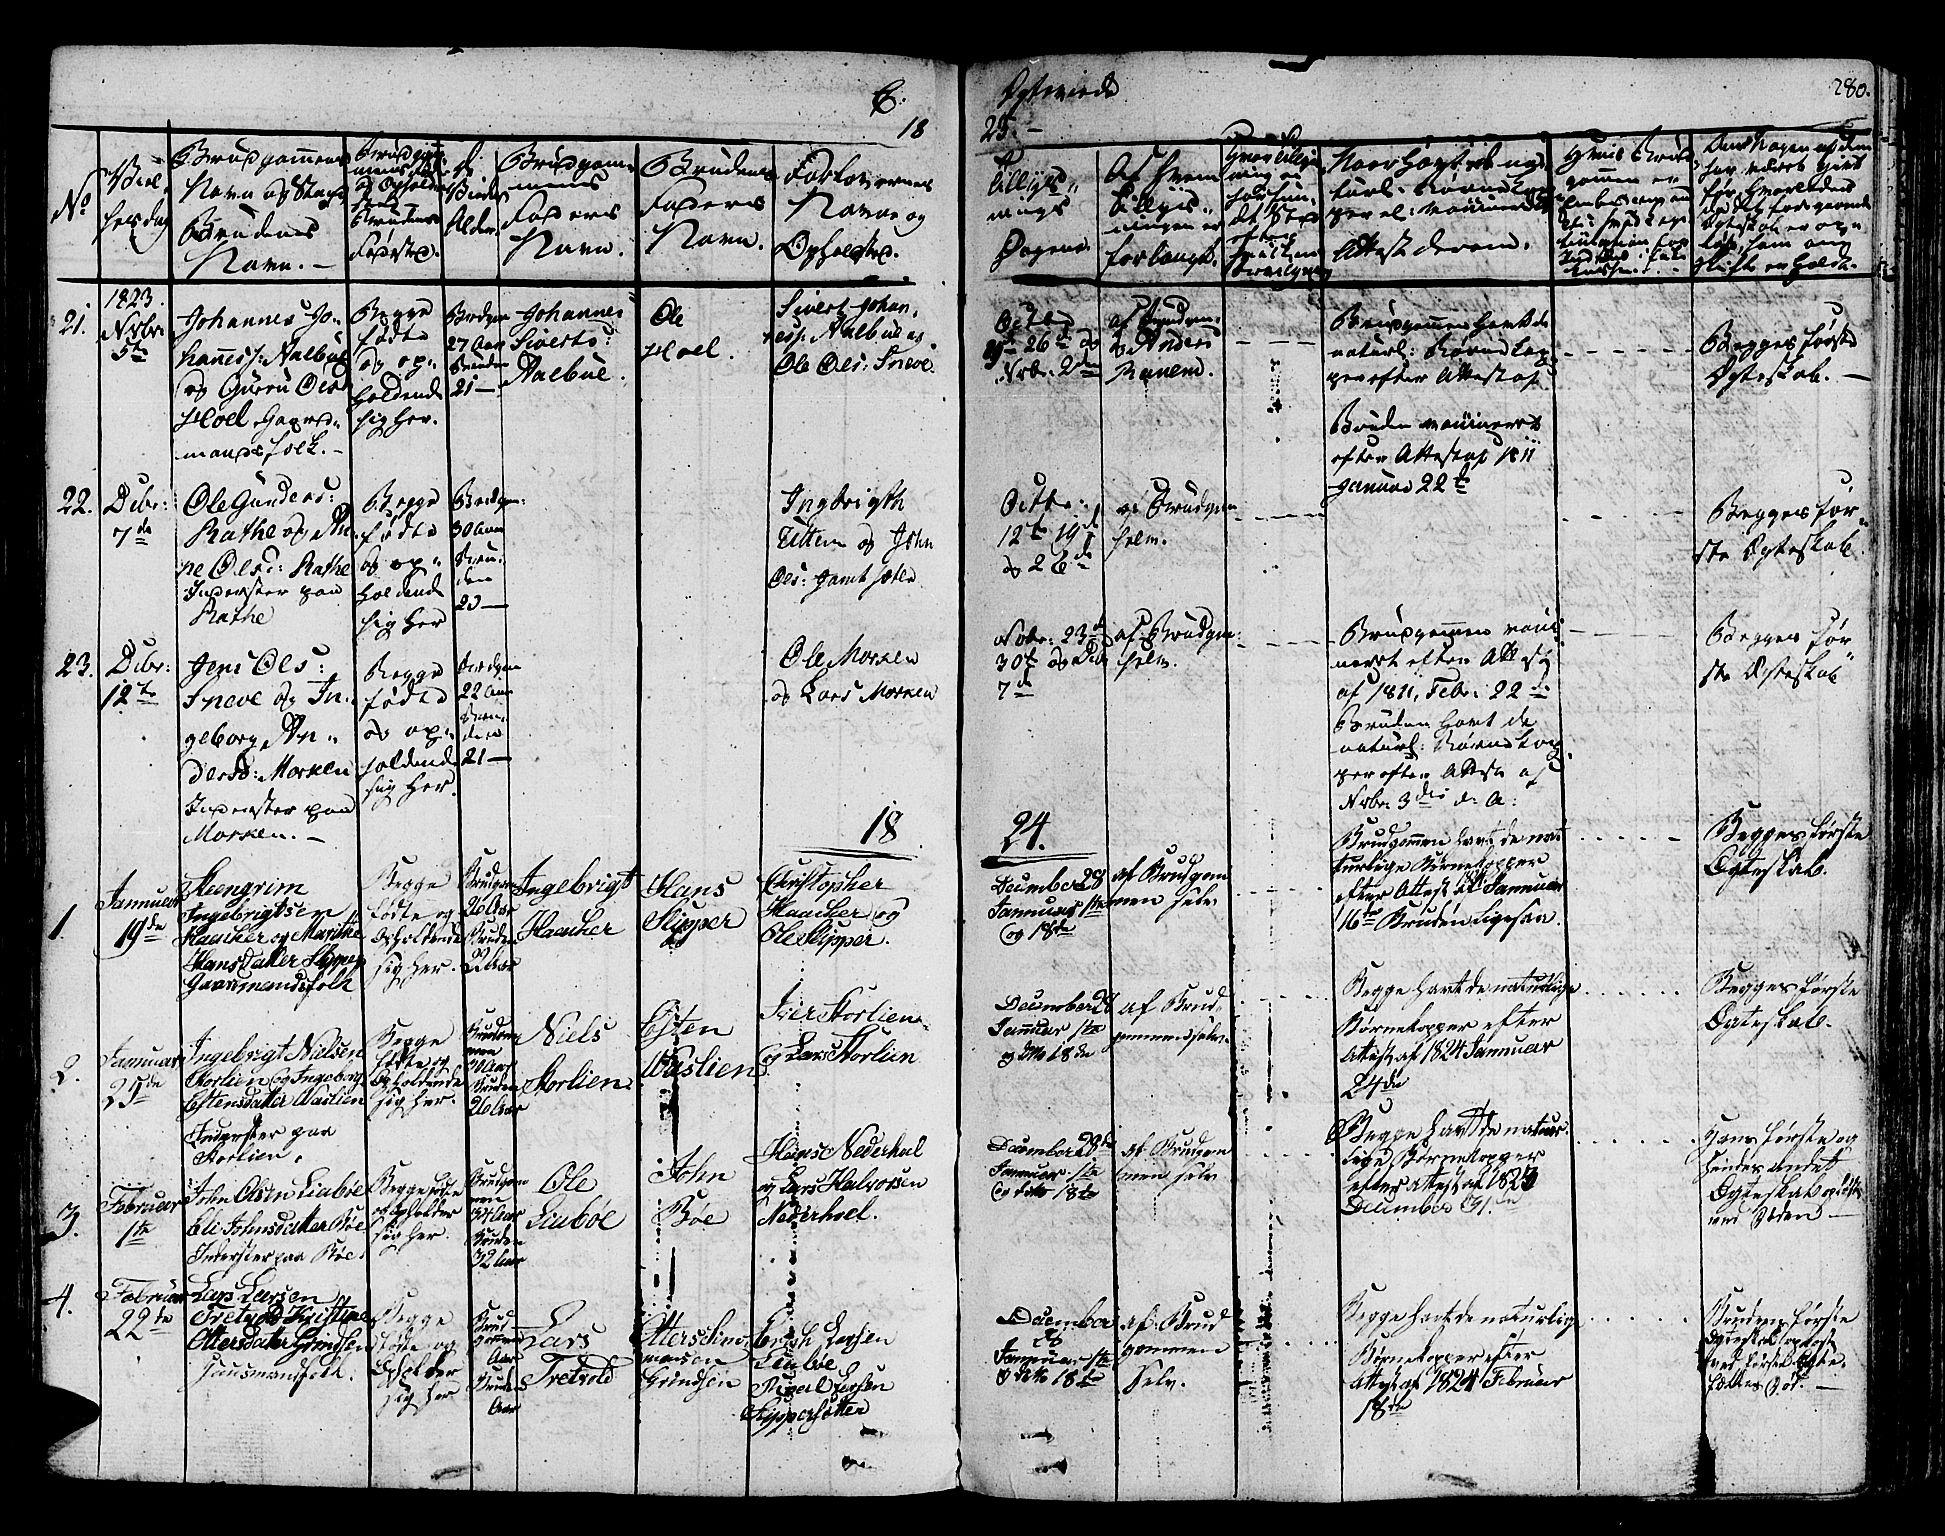 SAT, Ministerialprotokoller, klokkerbøker og fødselsregistre - Sør-Trøndelag, 678/L0897: Ministerialbok nr. 678A06-07, 1821-1847, s. 280